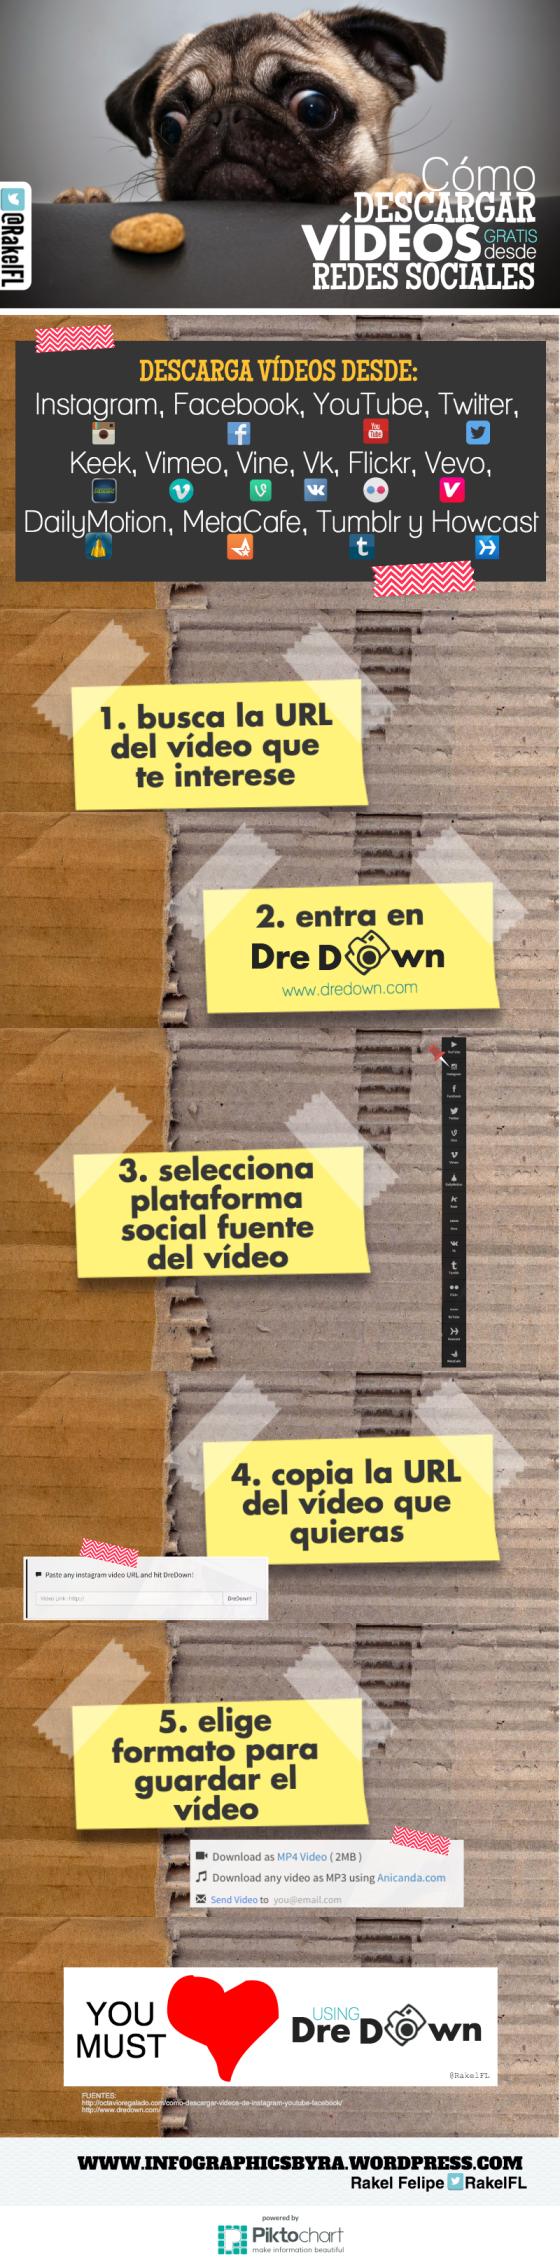 Cómo descargar vídeos gratis desde Redes Sociales